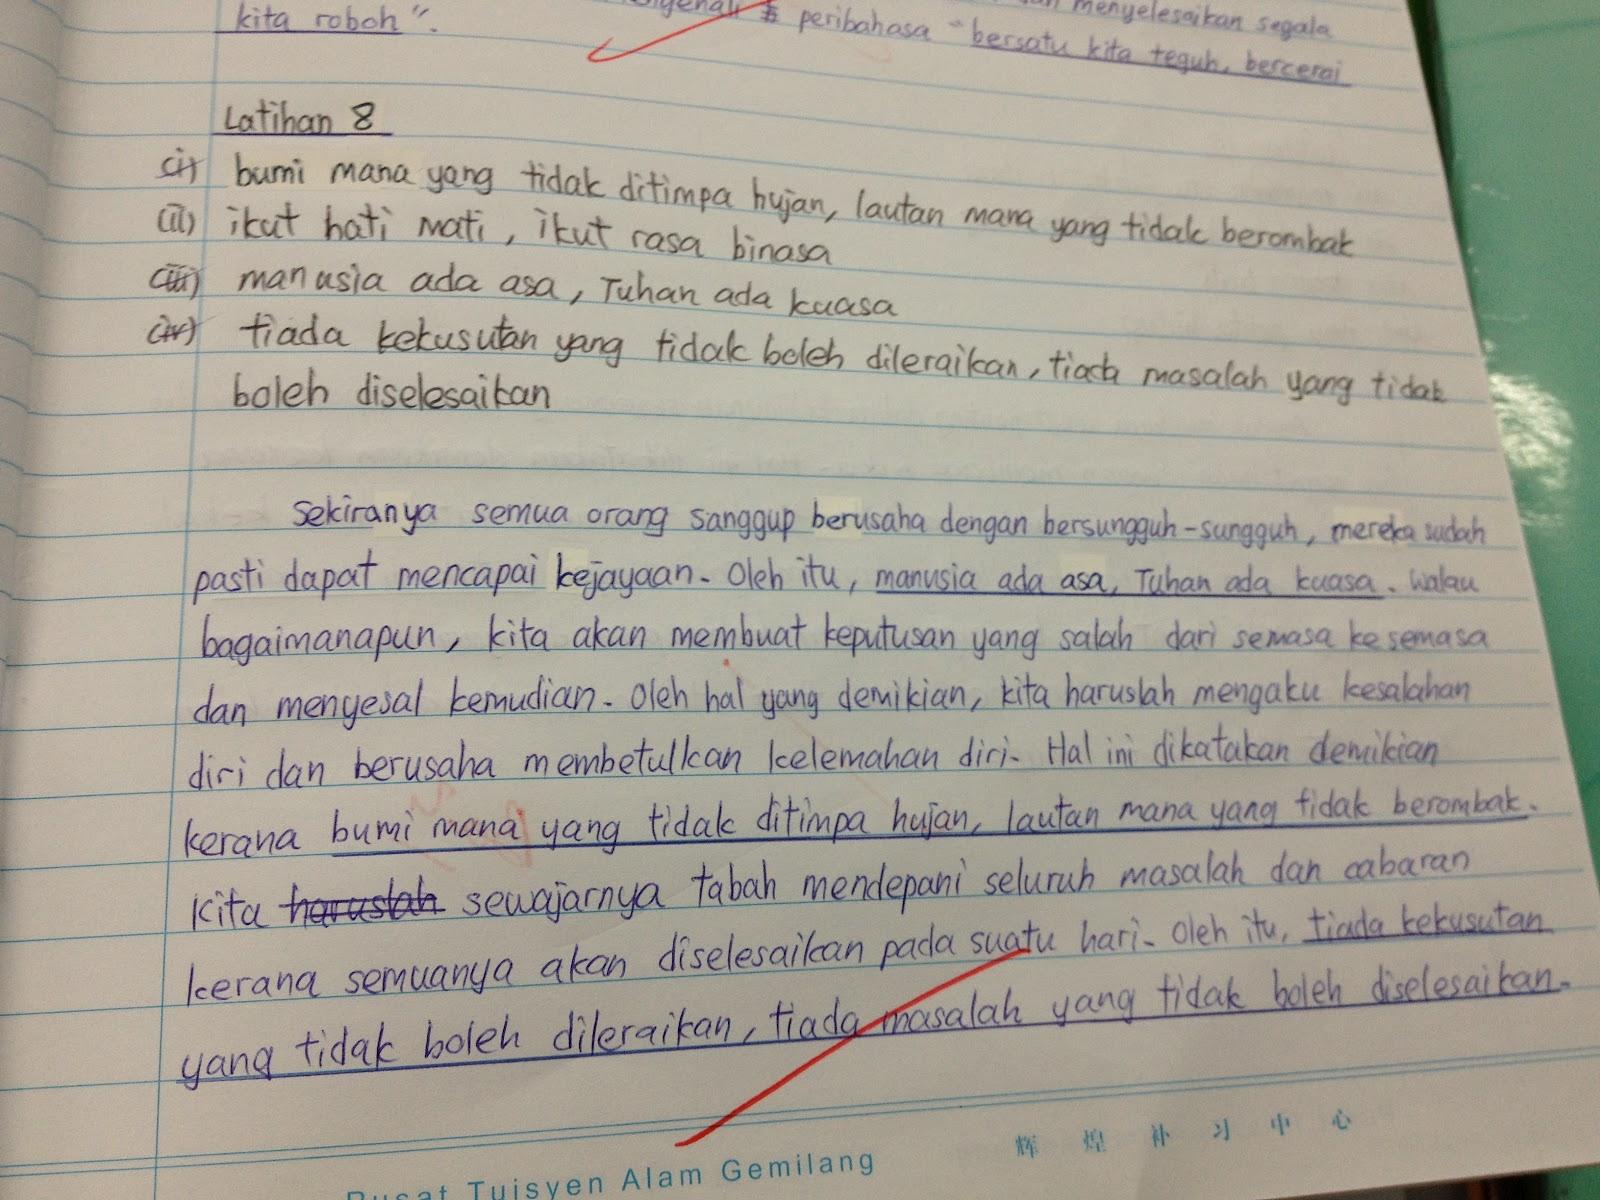 Laman Blog Cikgu Tan Cl Format Baharu Spm Bina Karangan Berdasarkan Peribahasa Yang Diberikan